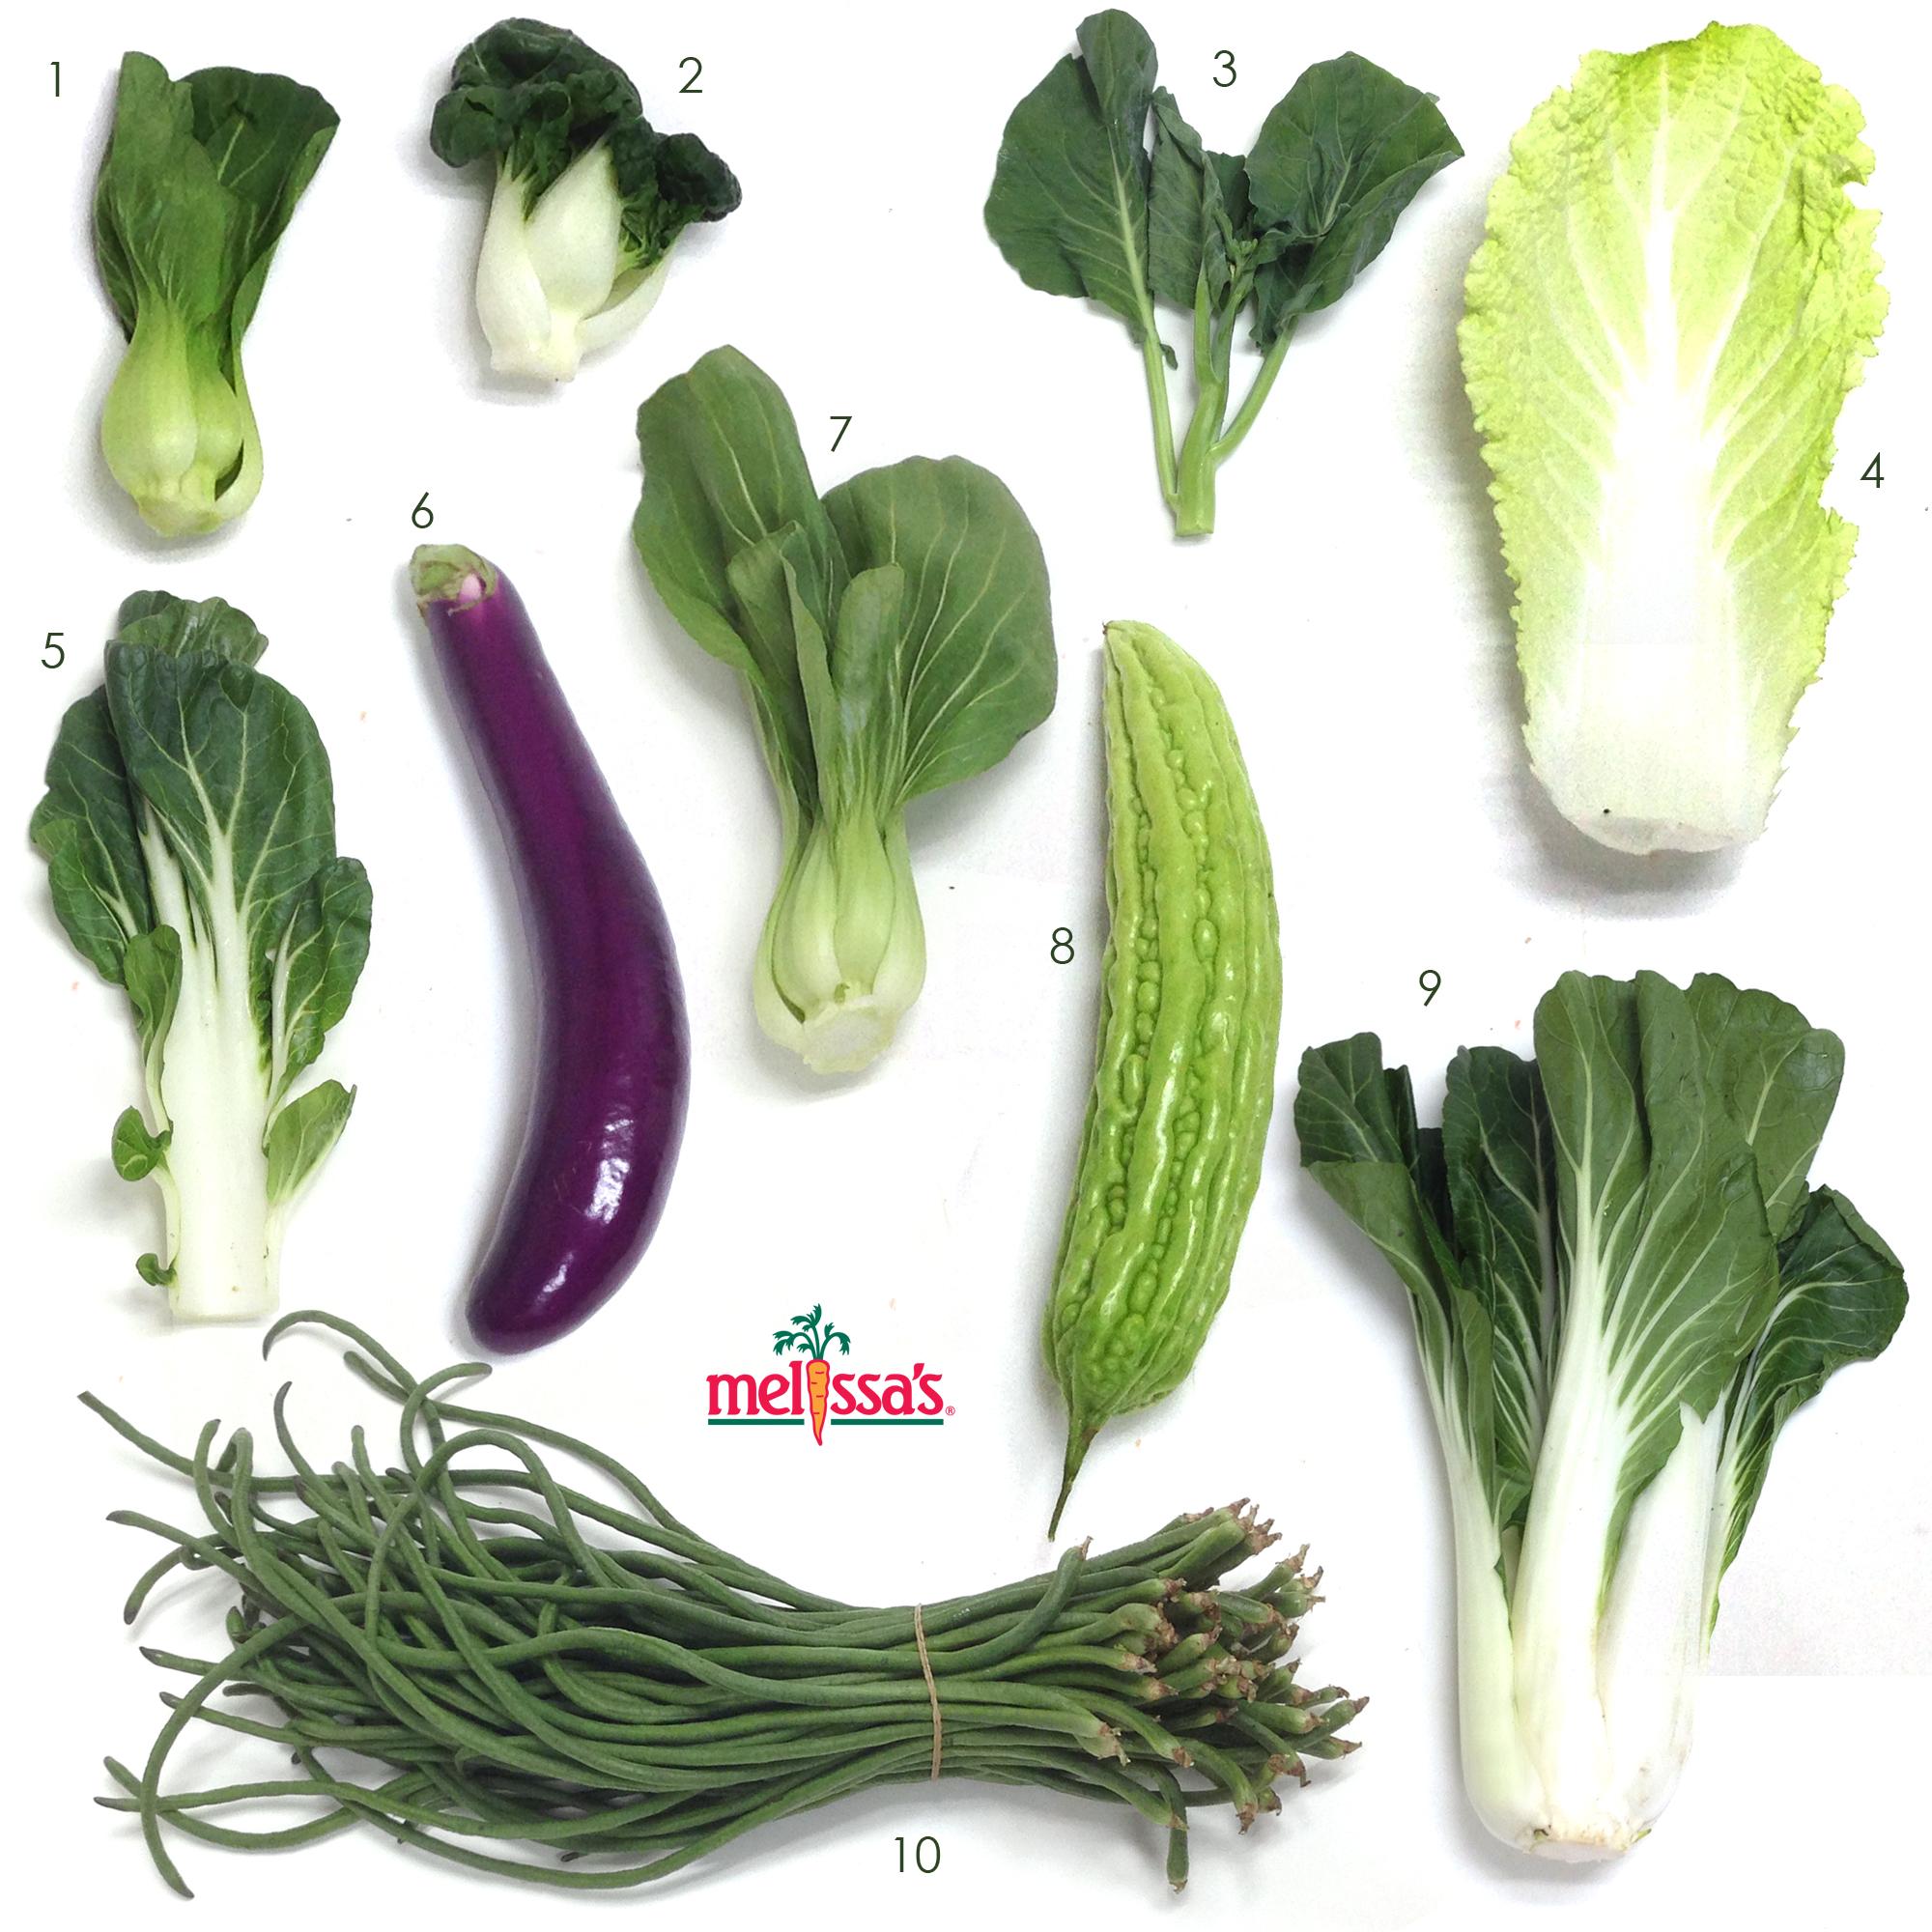 亚洲蔬菜视觉指南